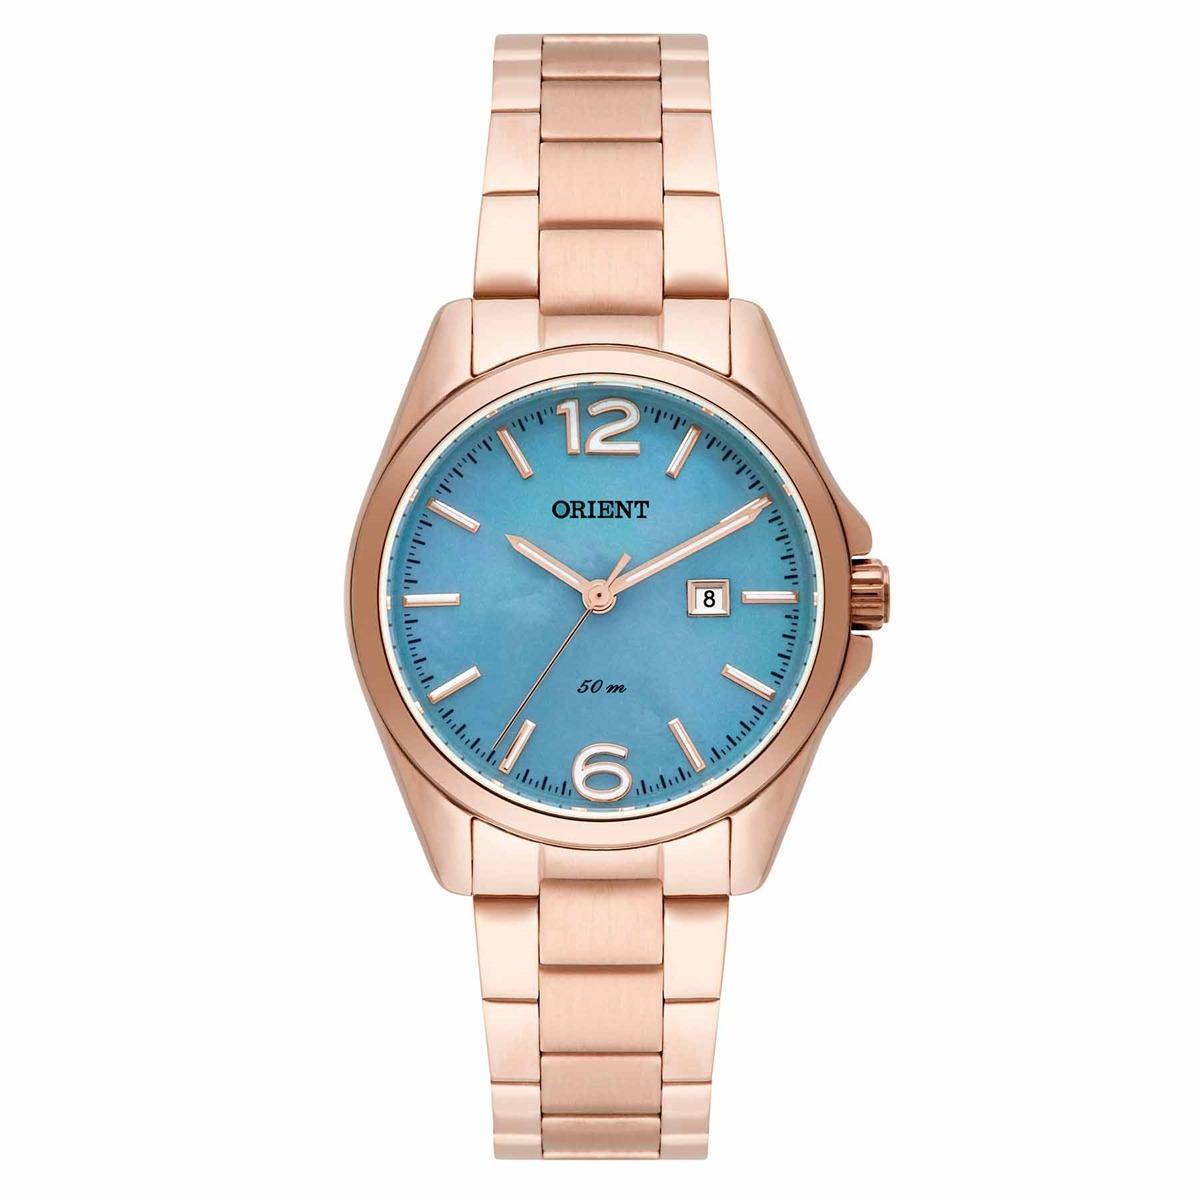 Relógio Orient Analógico Feminino Frss1026 G2rx - R  399,00 em ... 977e401c4f